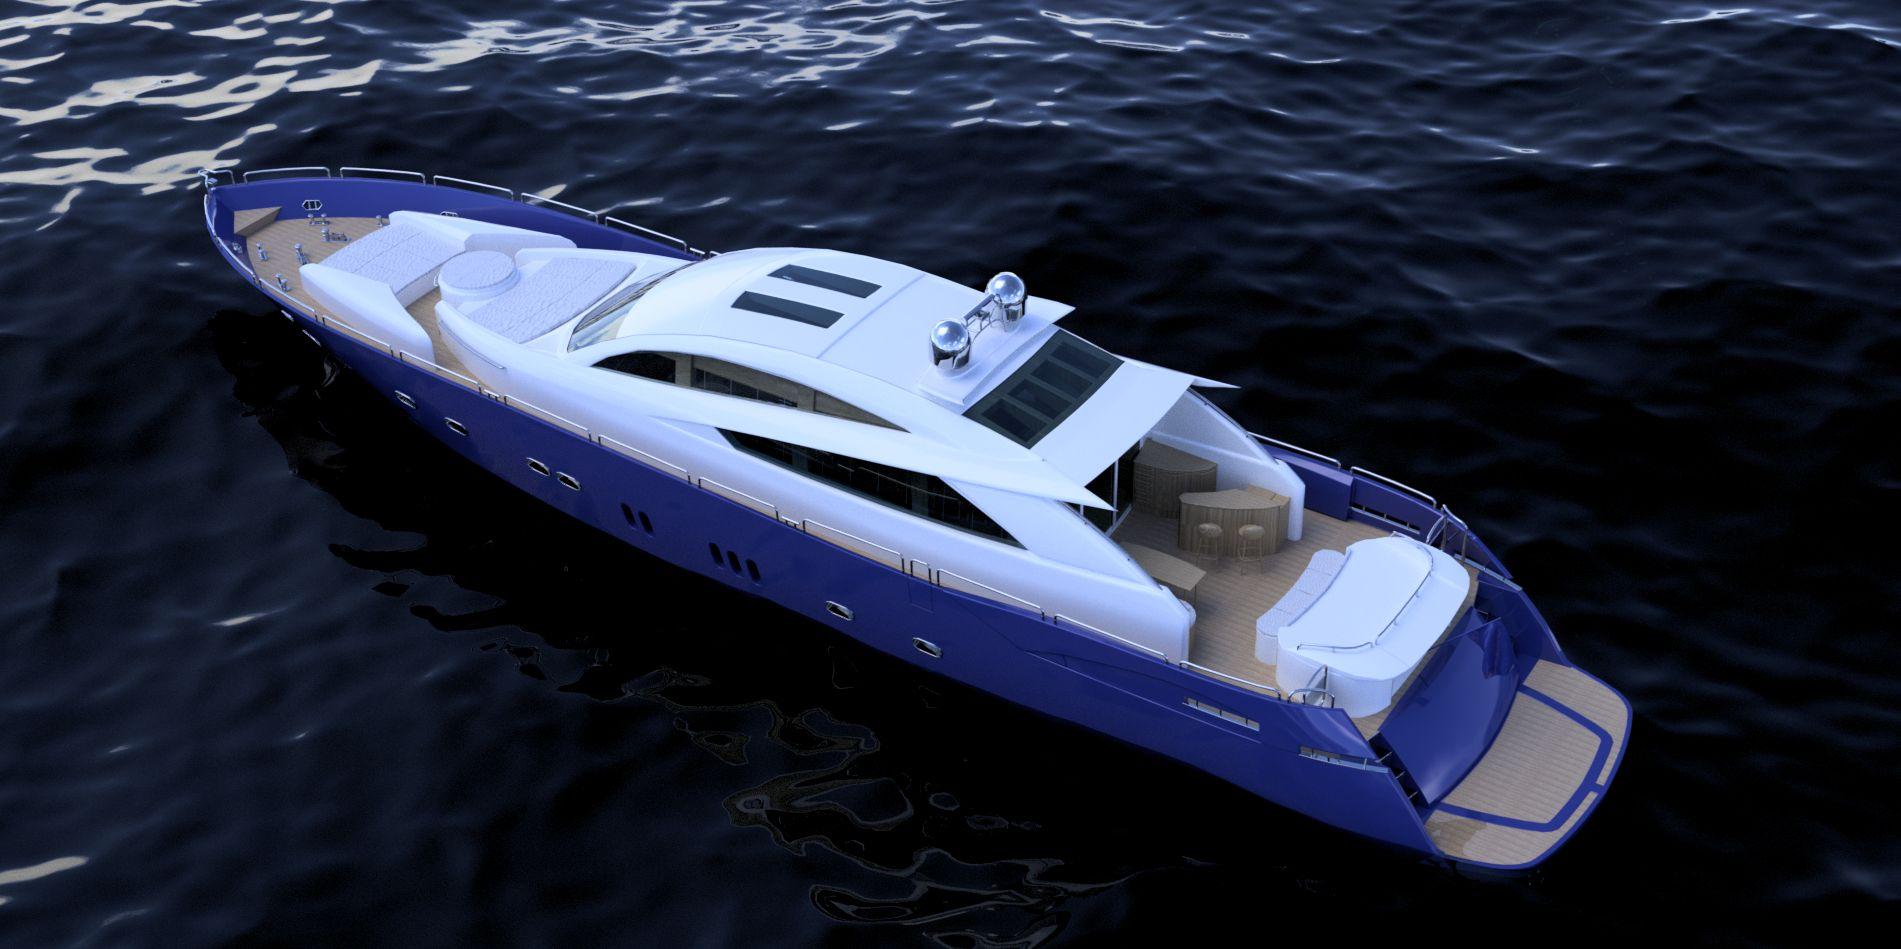 Sea-t-spline-02-3500-3500